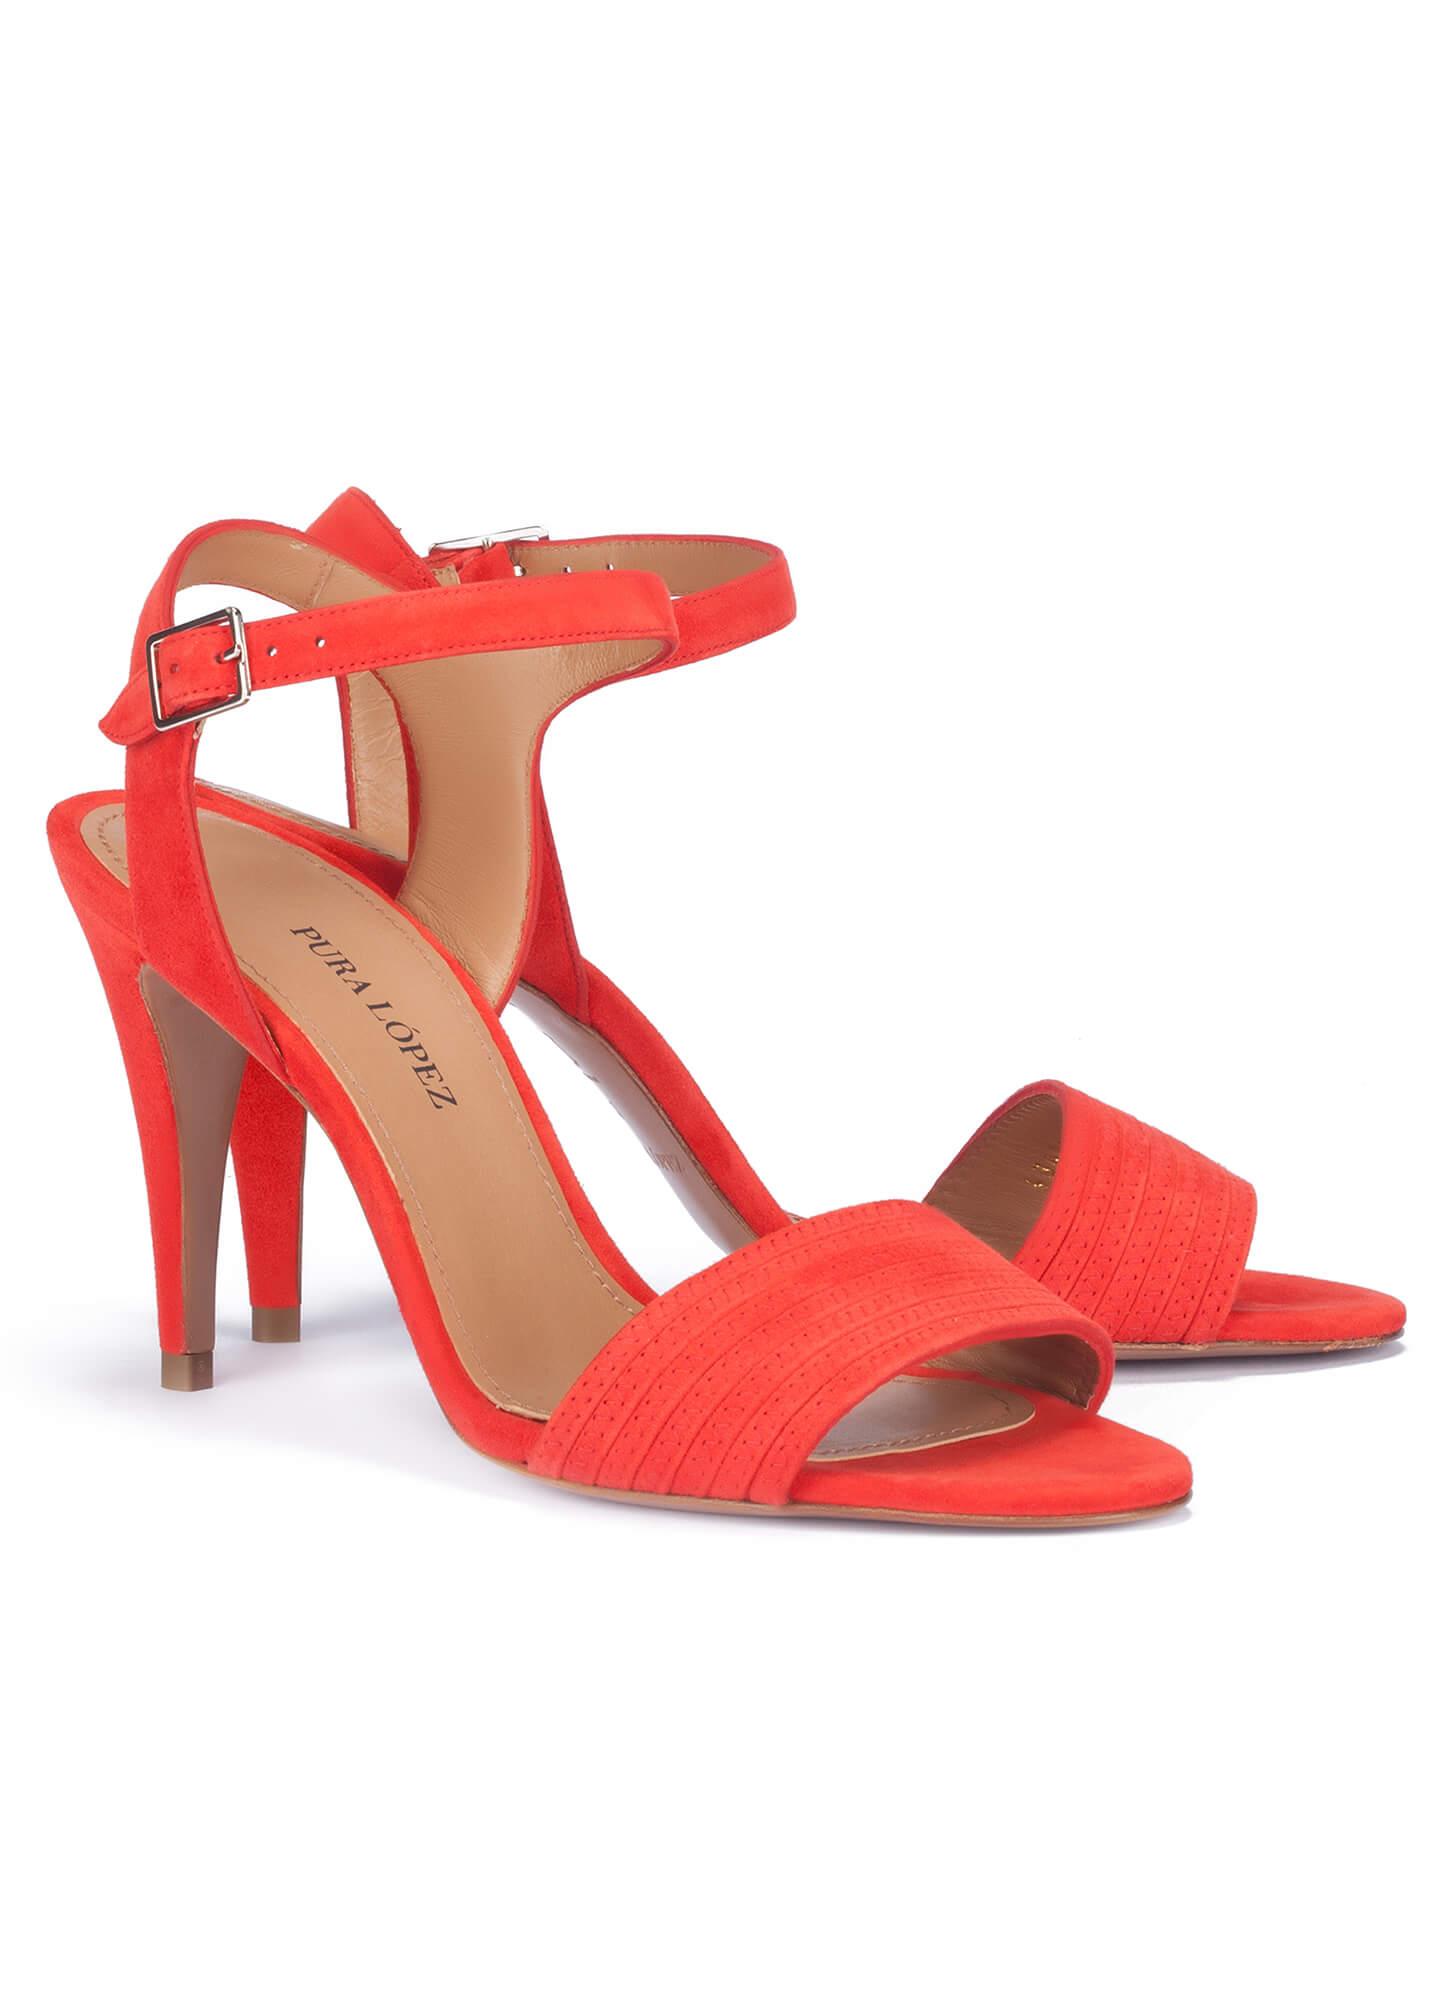 54bc1a89fd3 Zapatos Pura Tienda De Tacón Alto Sandalias Rojas López YqPxww1